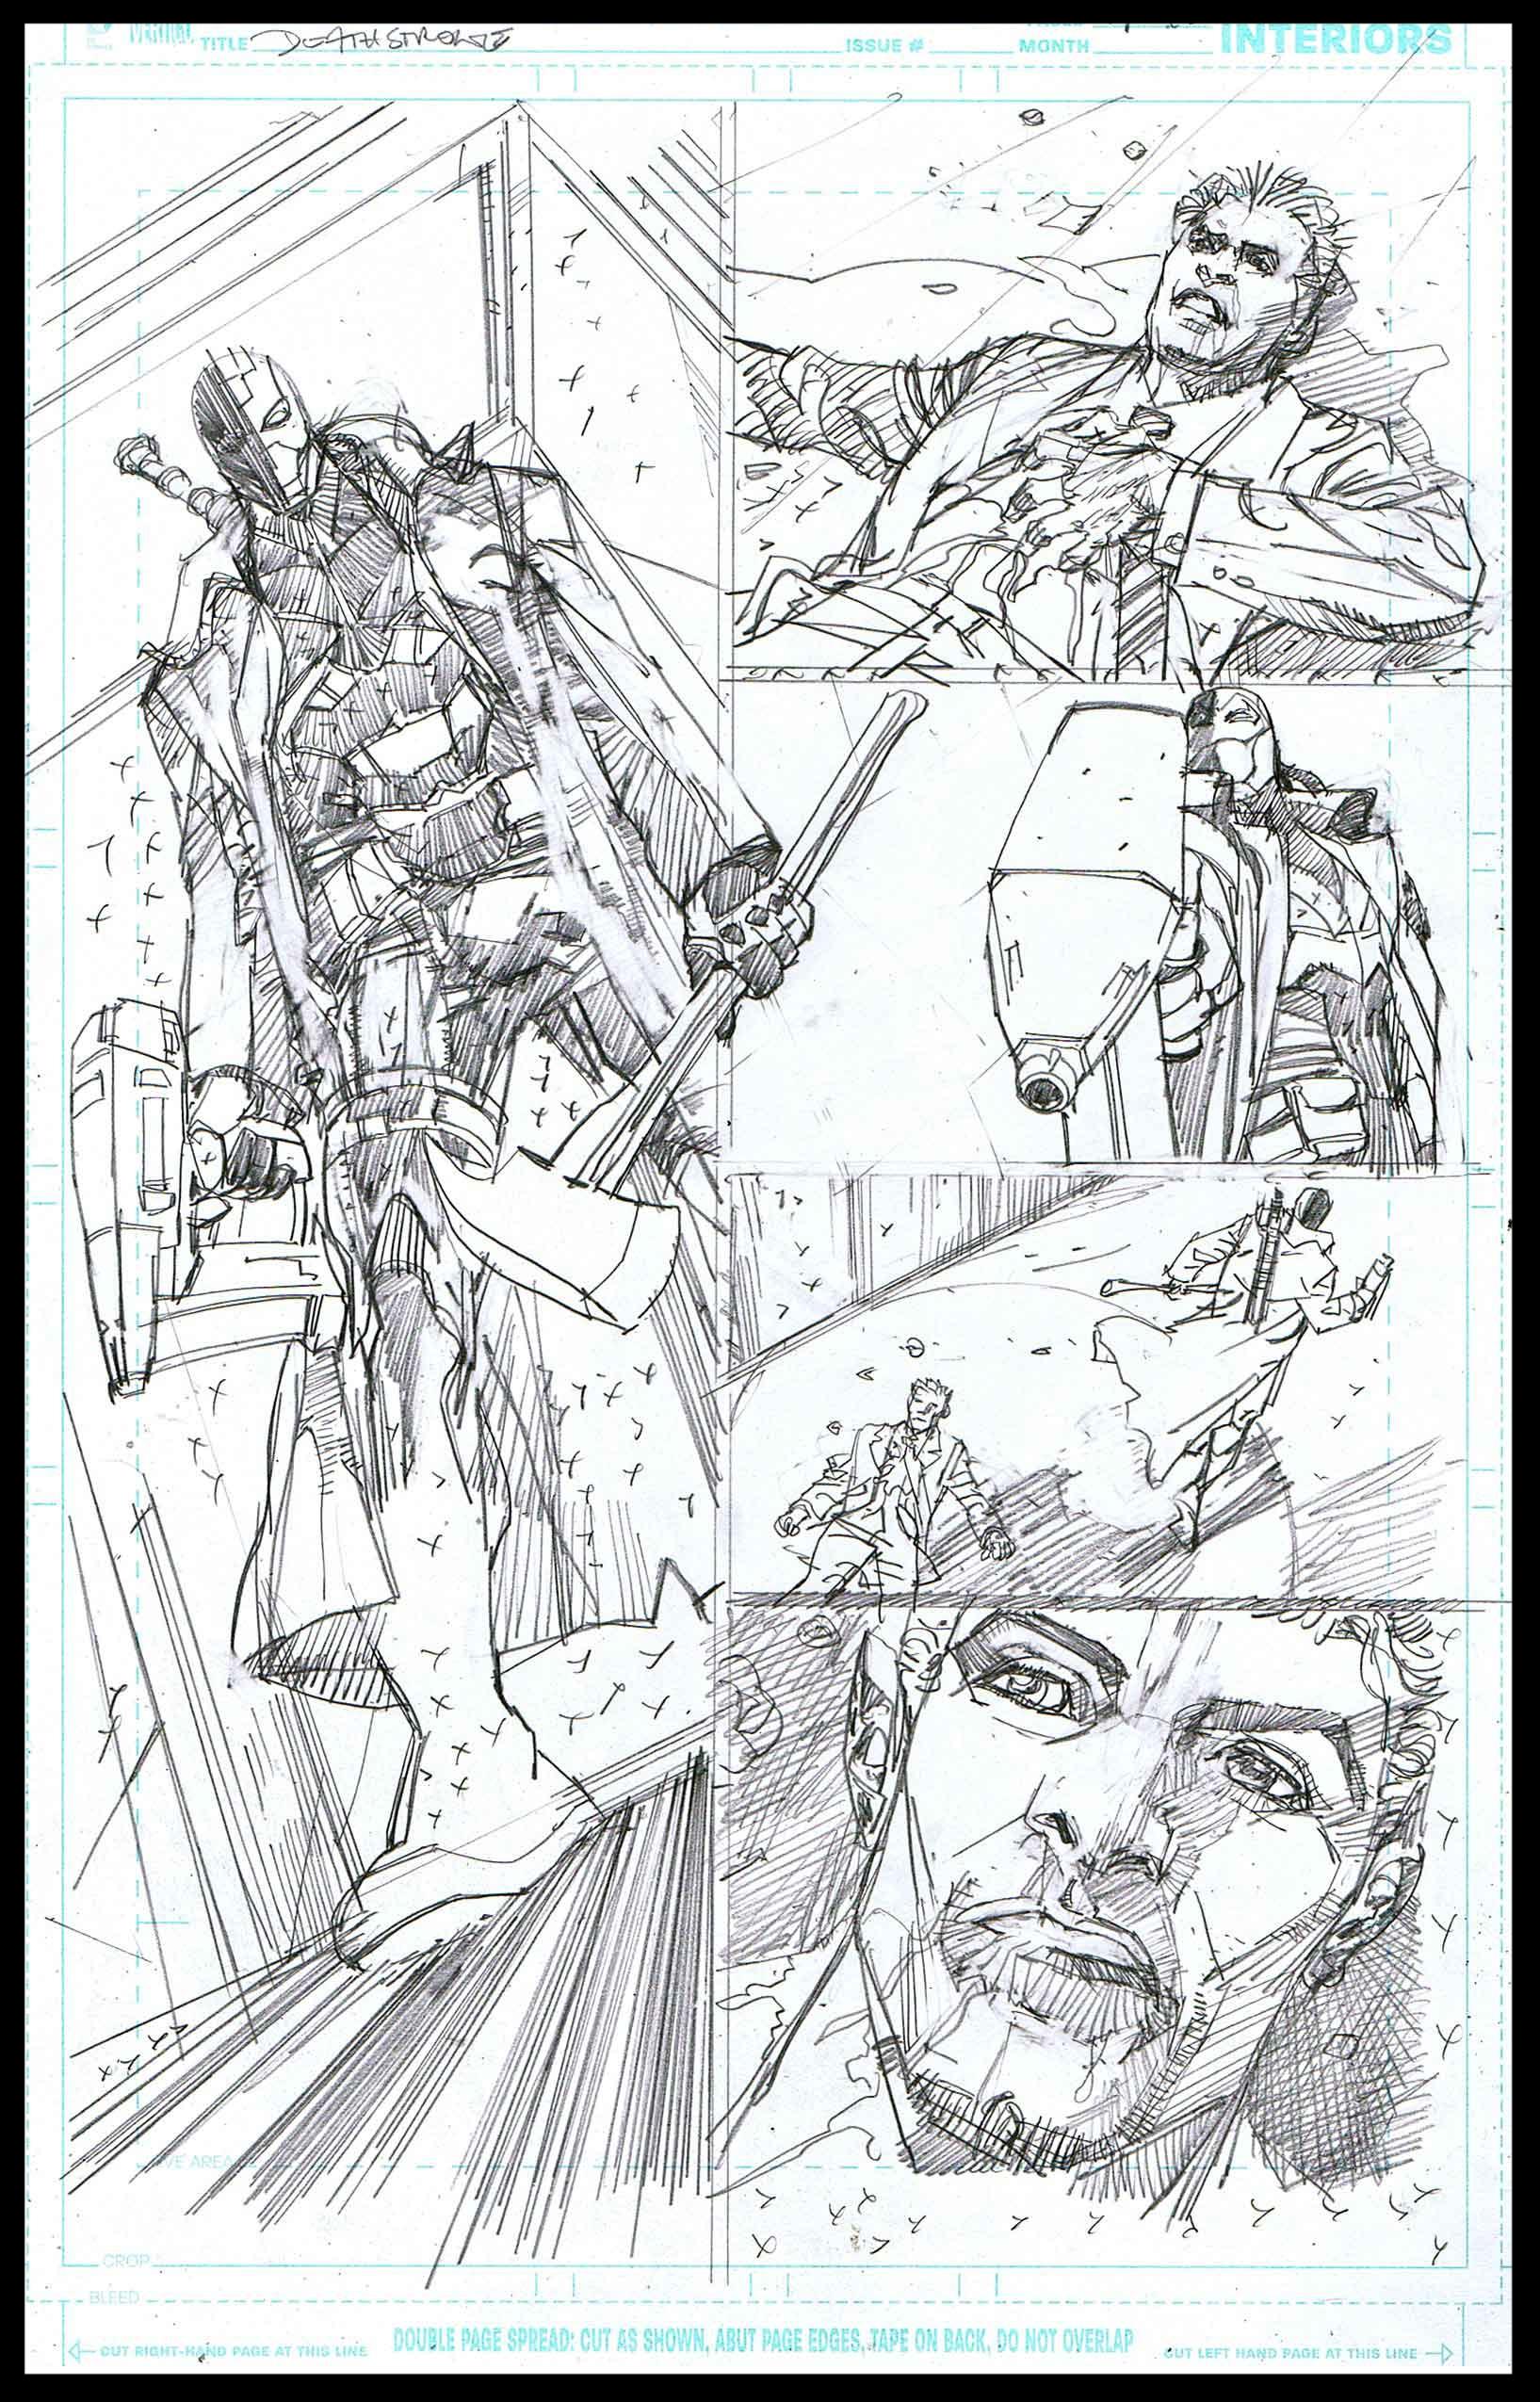 Deathstroke #11 - Page 14 - Pencils